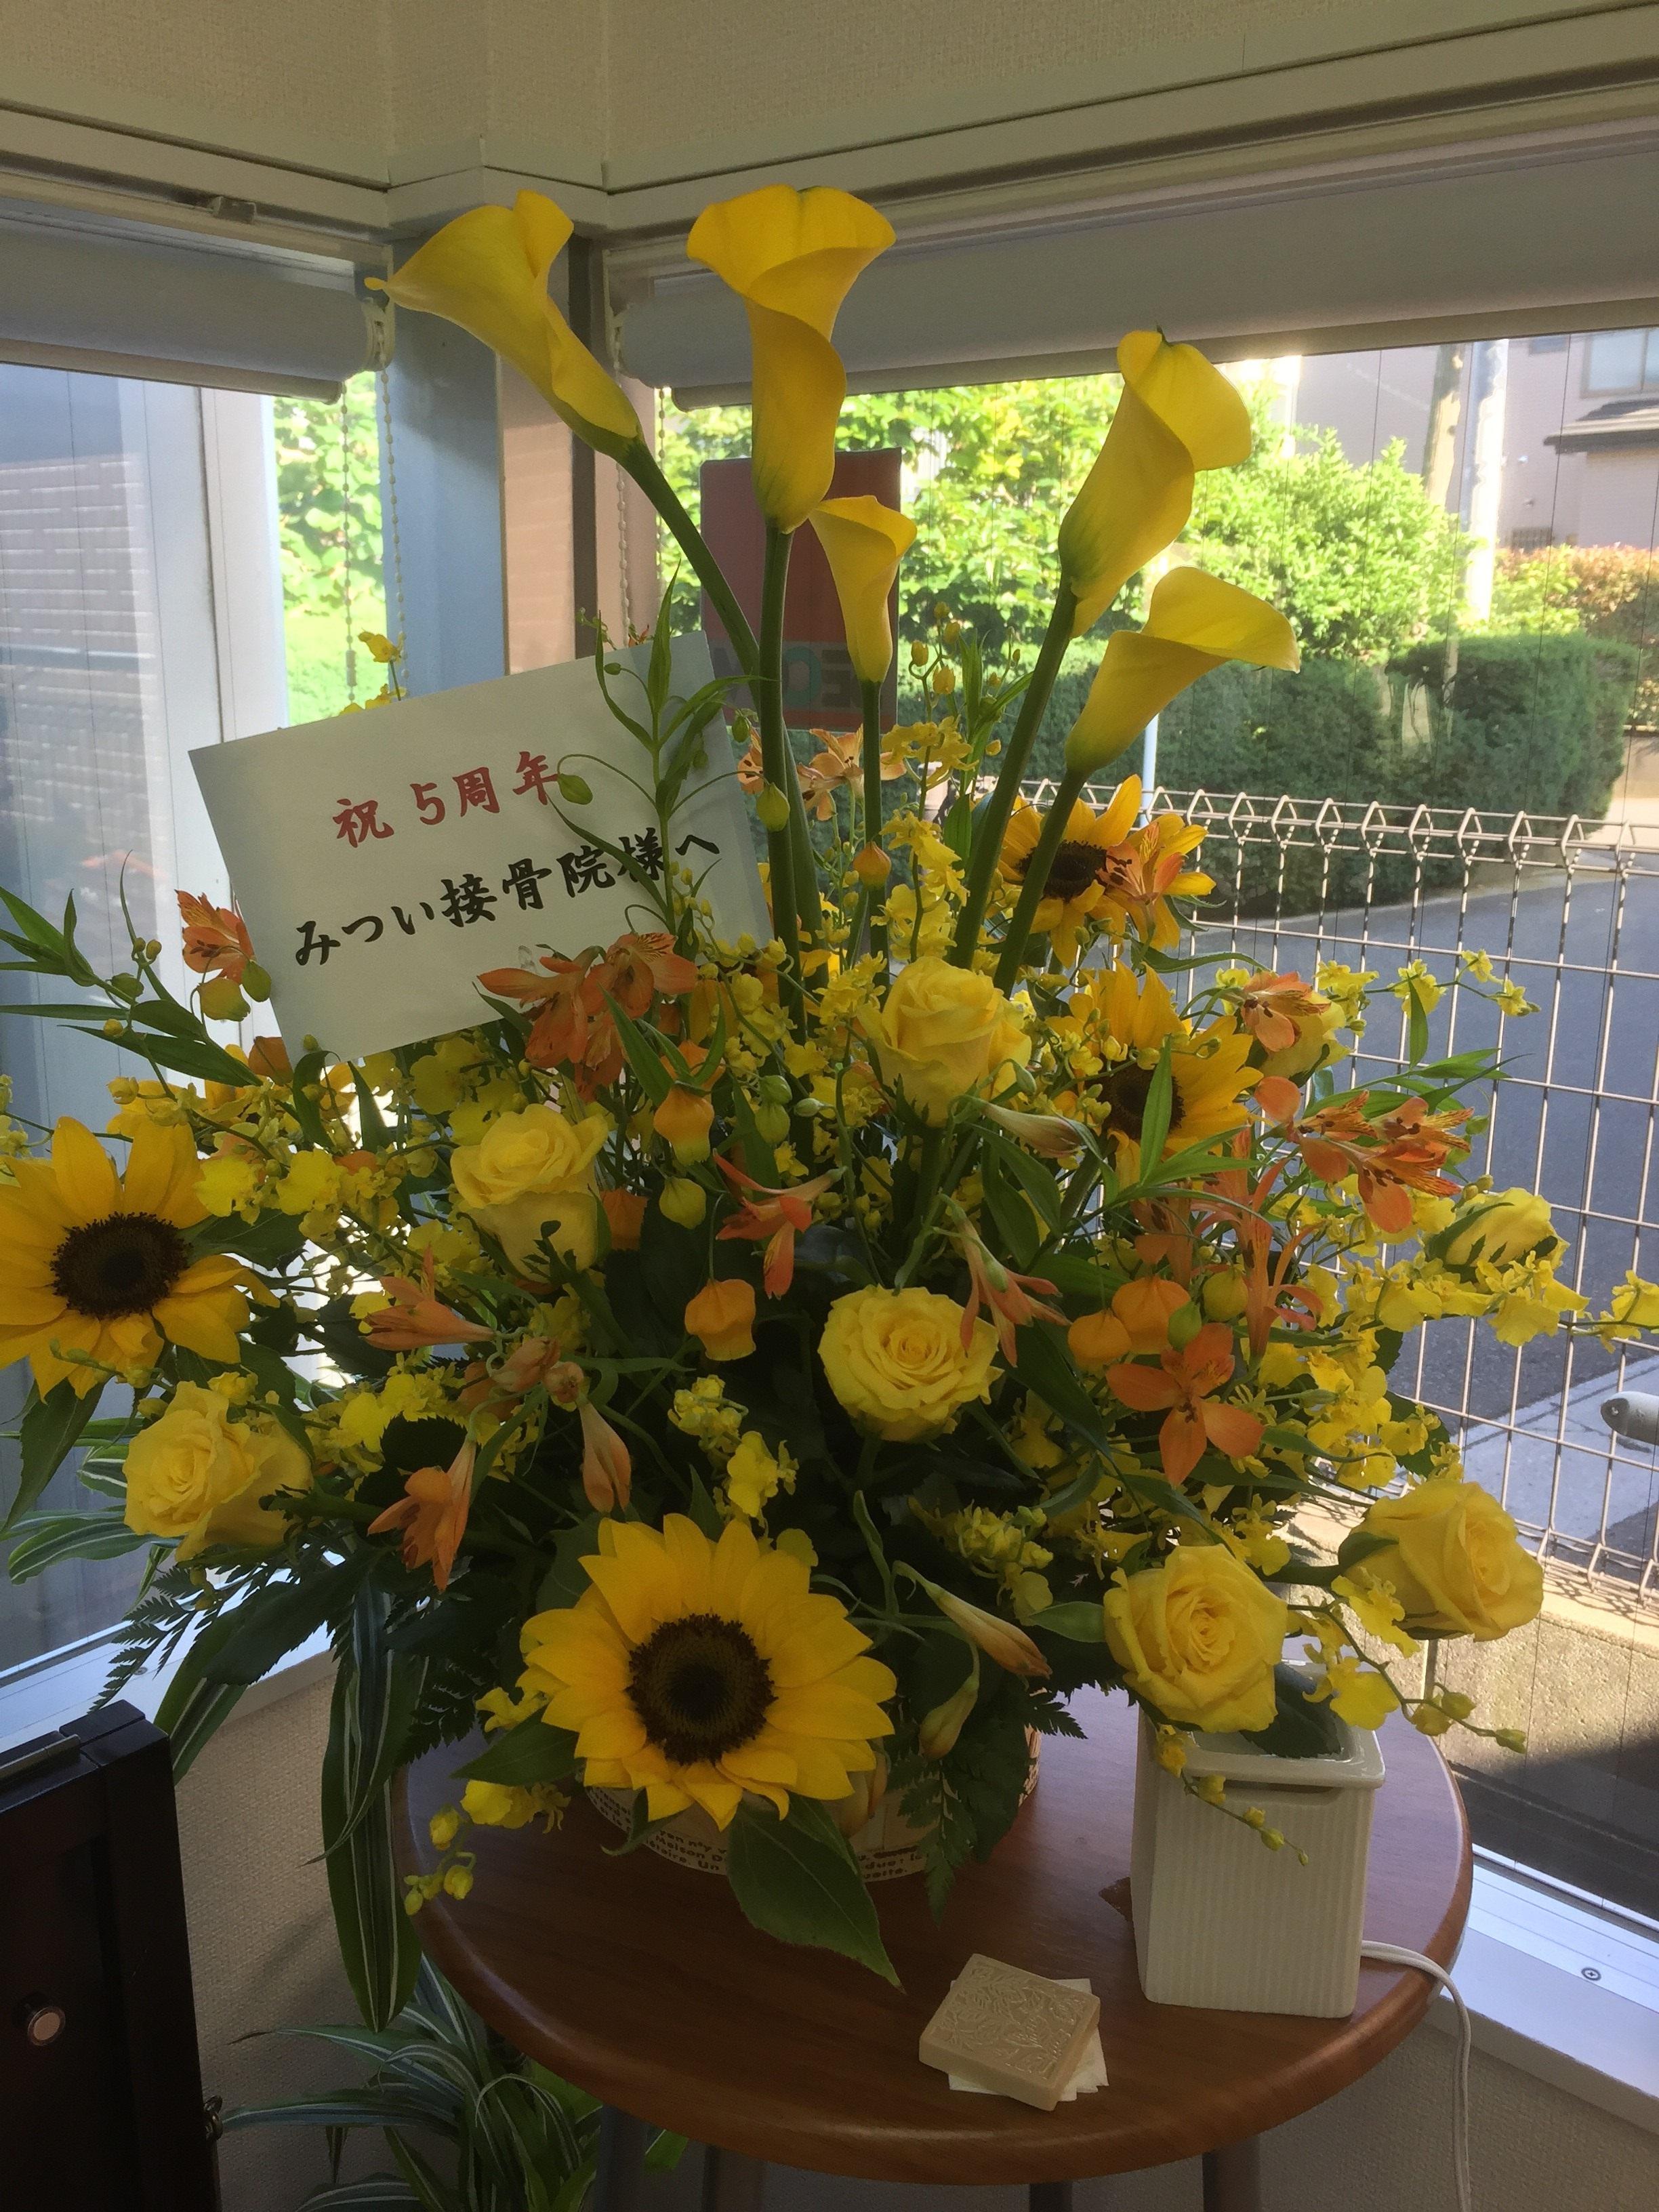 お祝いにもらったお花